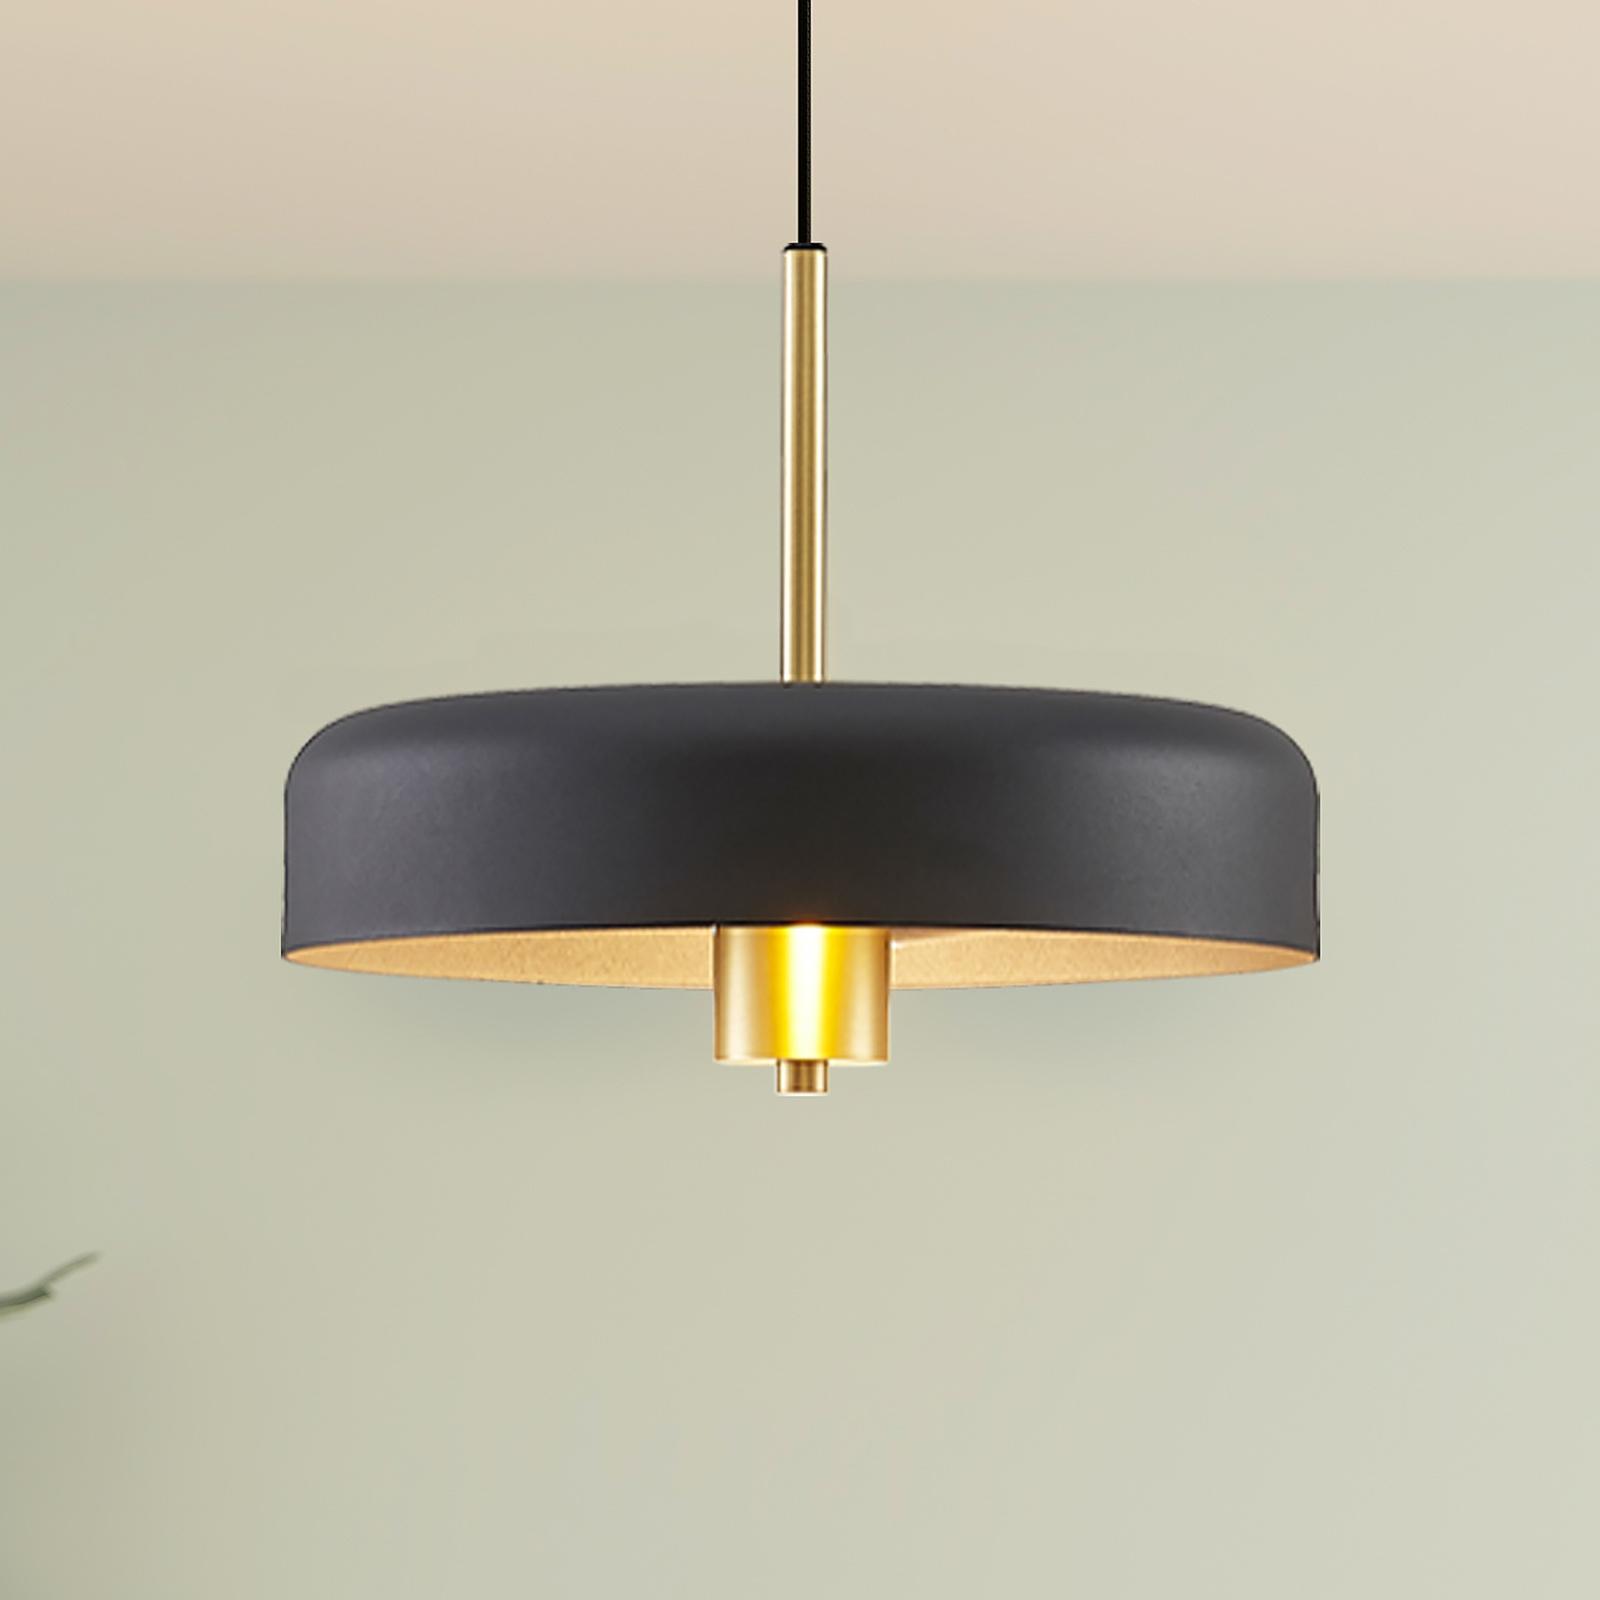 Lucande Filoreta lampa wisząca, 35 cm, czarna